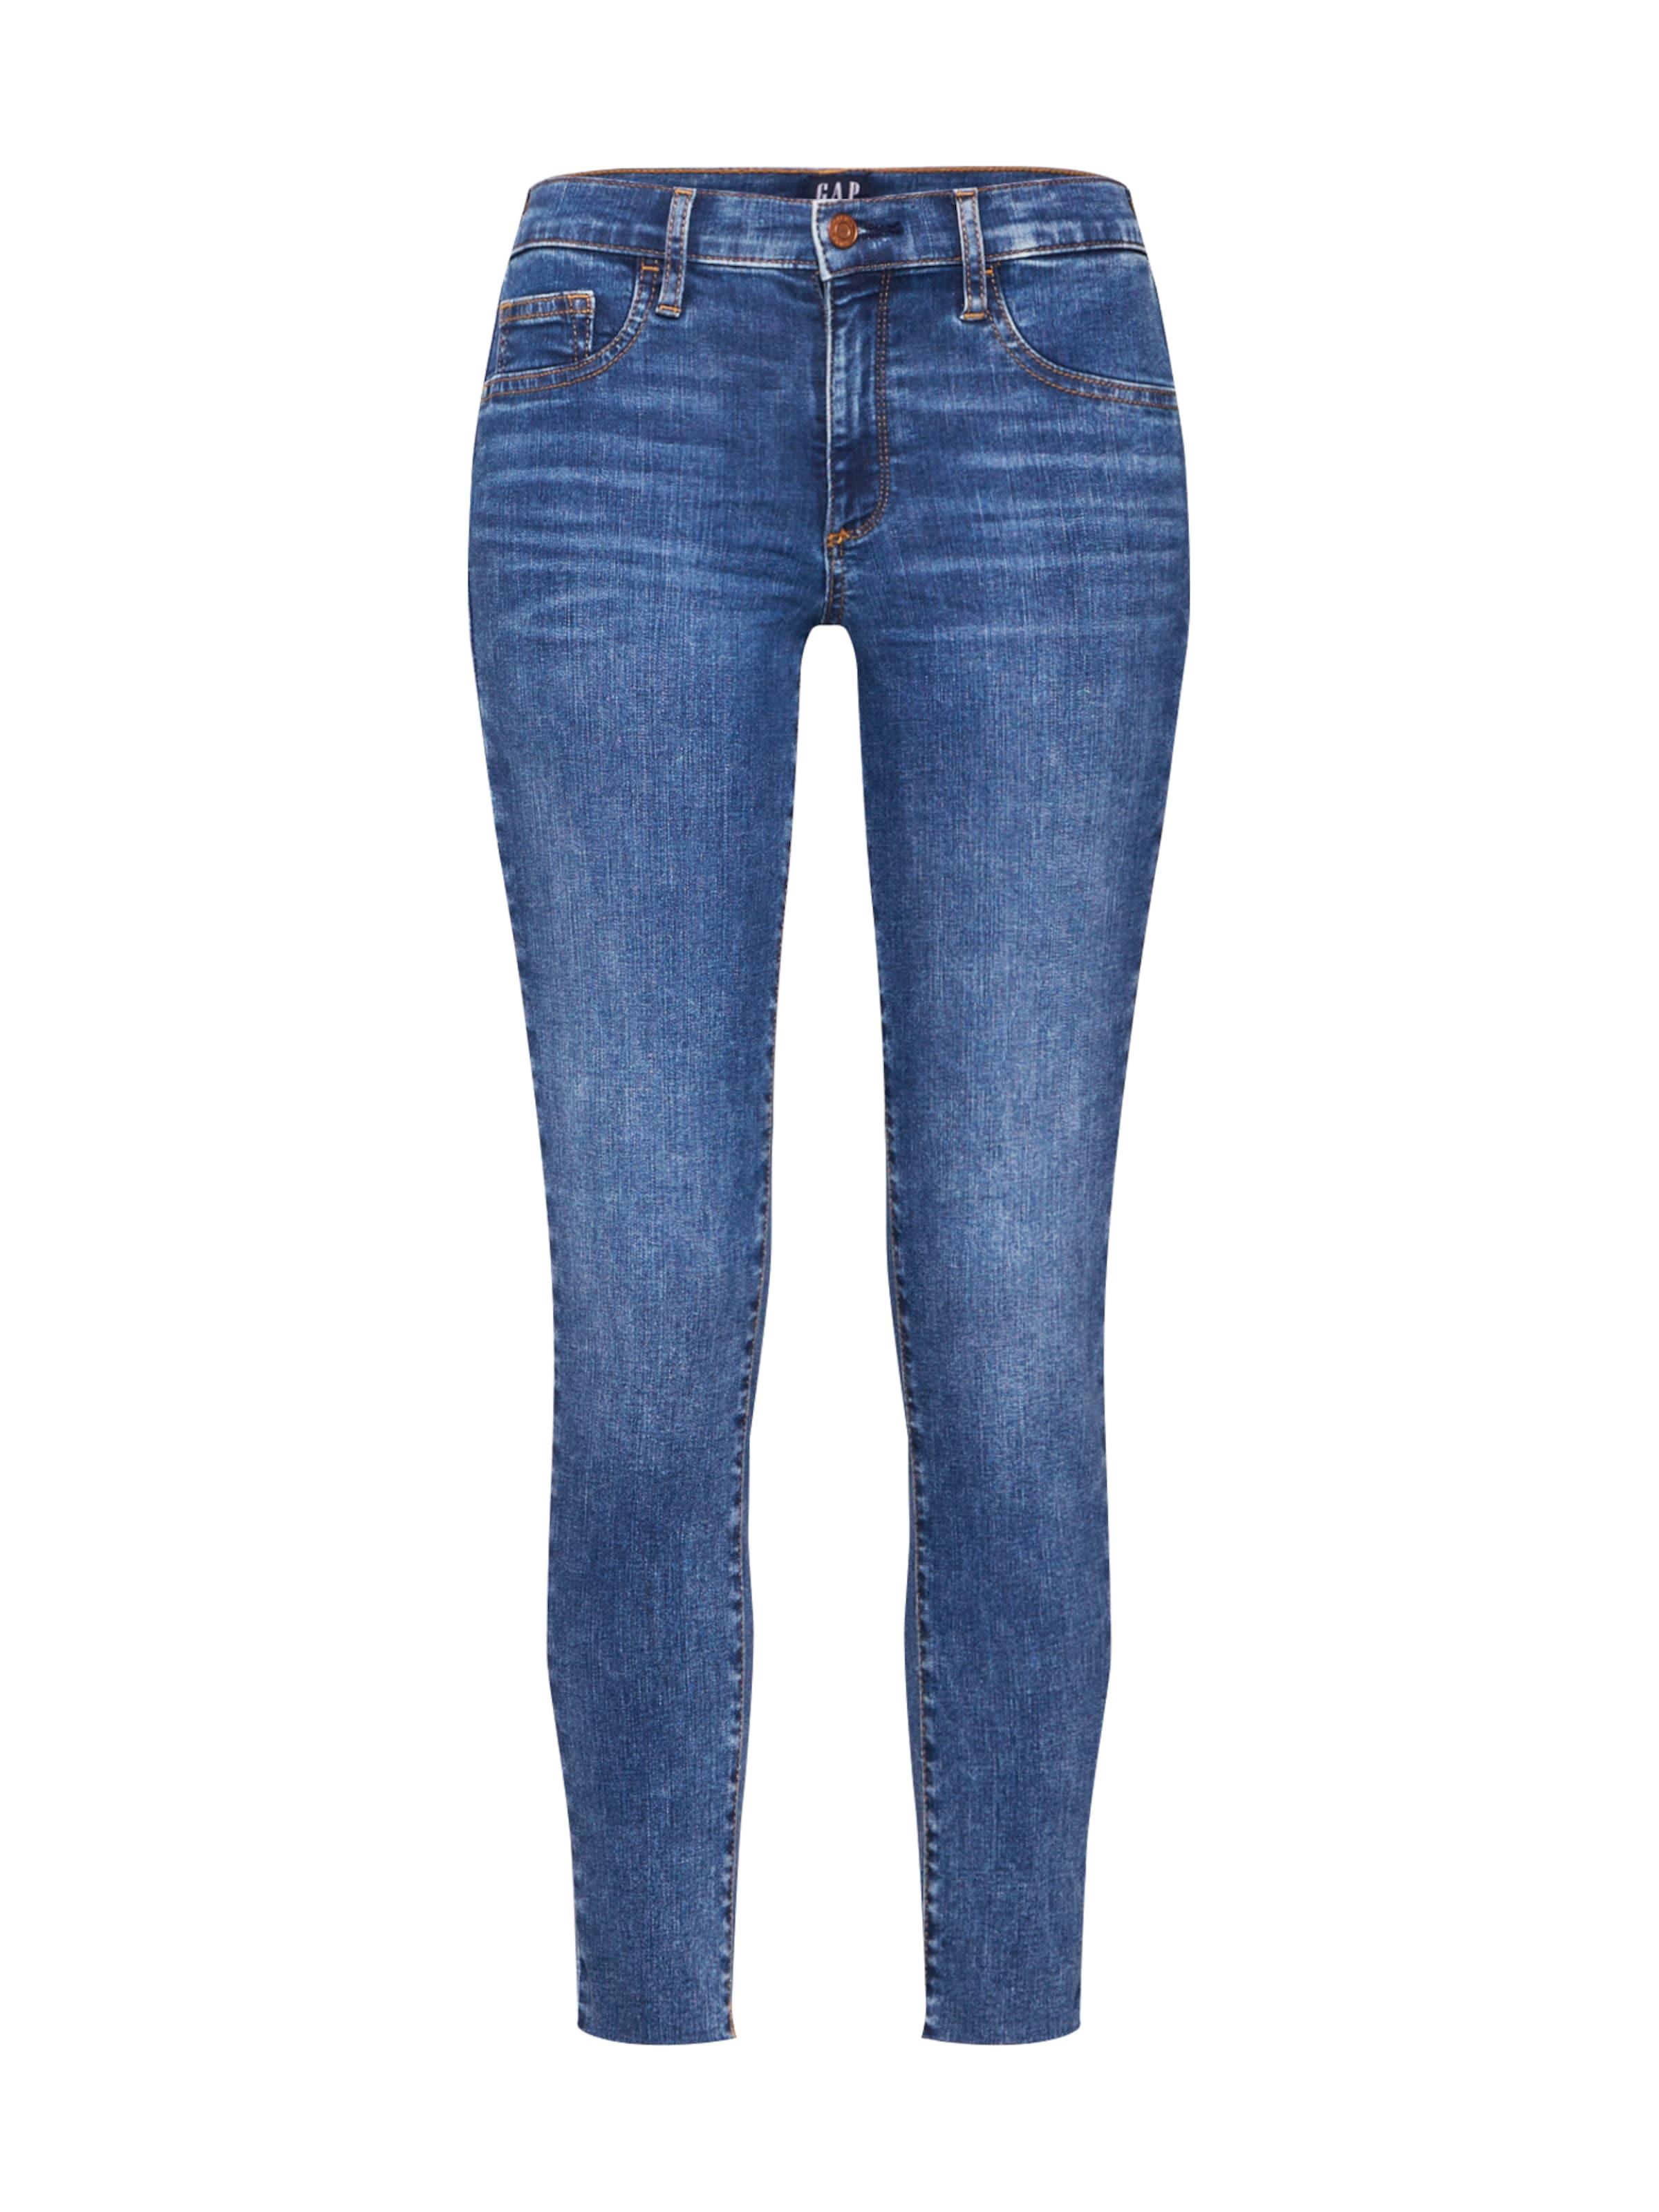 In Indigo In Jeans Gap Jeans Gap 'favjeggingmedclearwaterrh' Gap Jeans 'favjeggingmedclearwaterrh' 'favjeggingmedclearwaterrh' Indigo clTFK315uJ